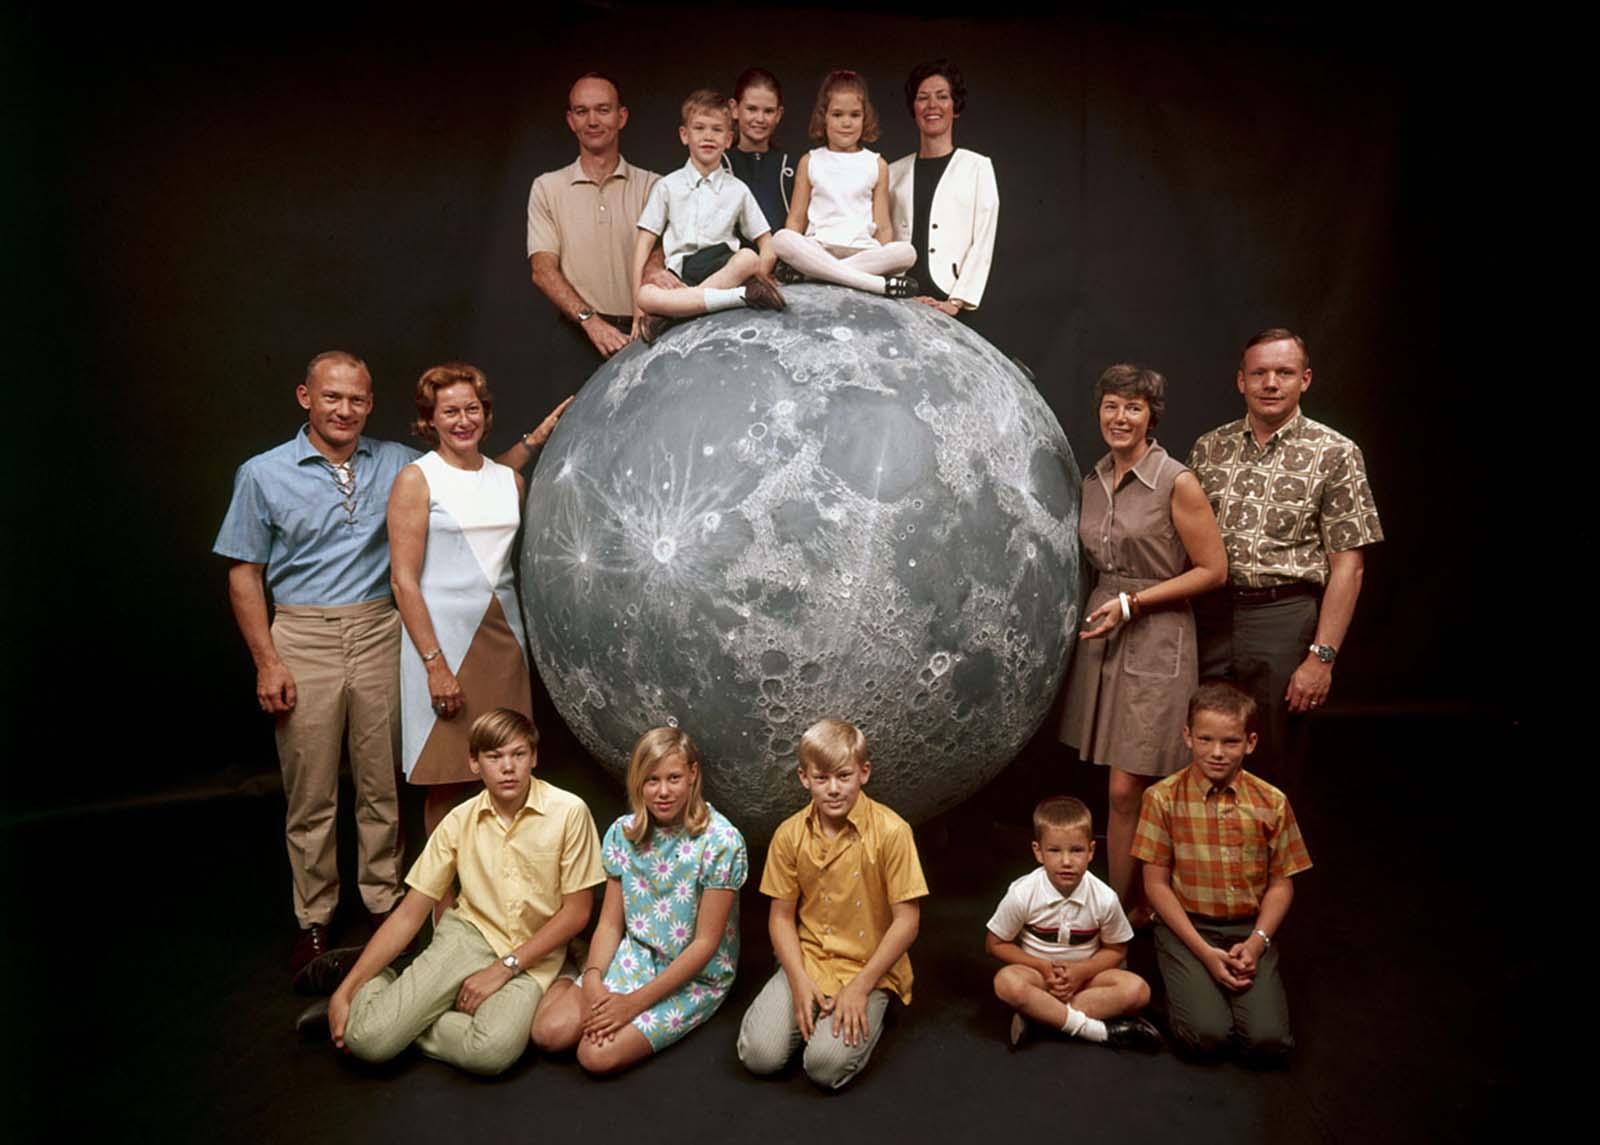 Групповой портрет астронавтов НАСА «Аполлон-11»-